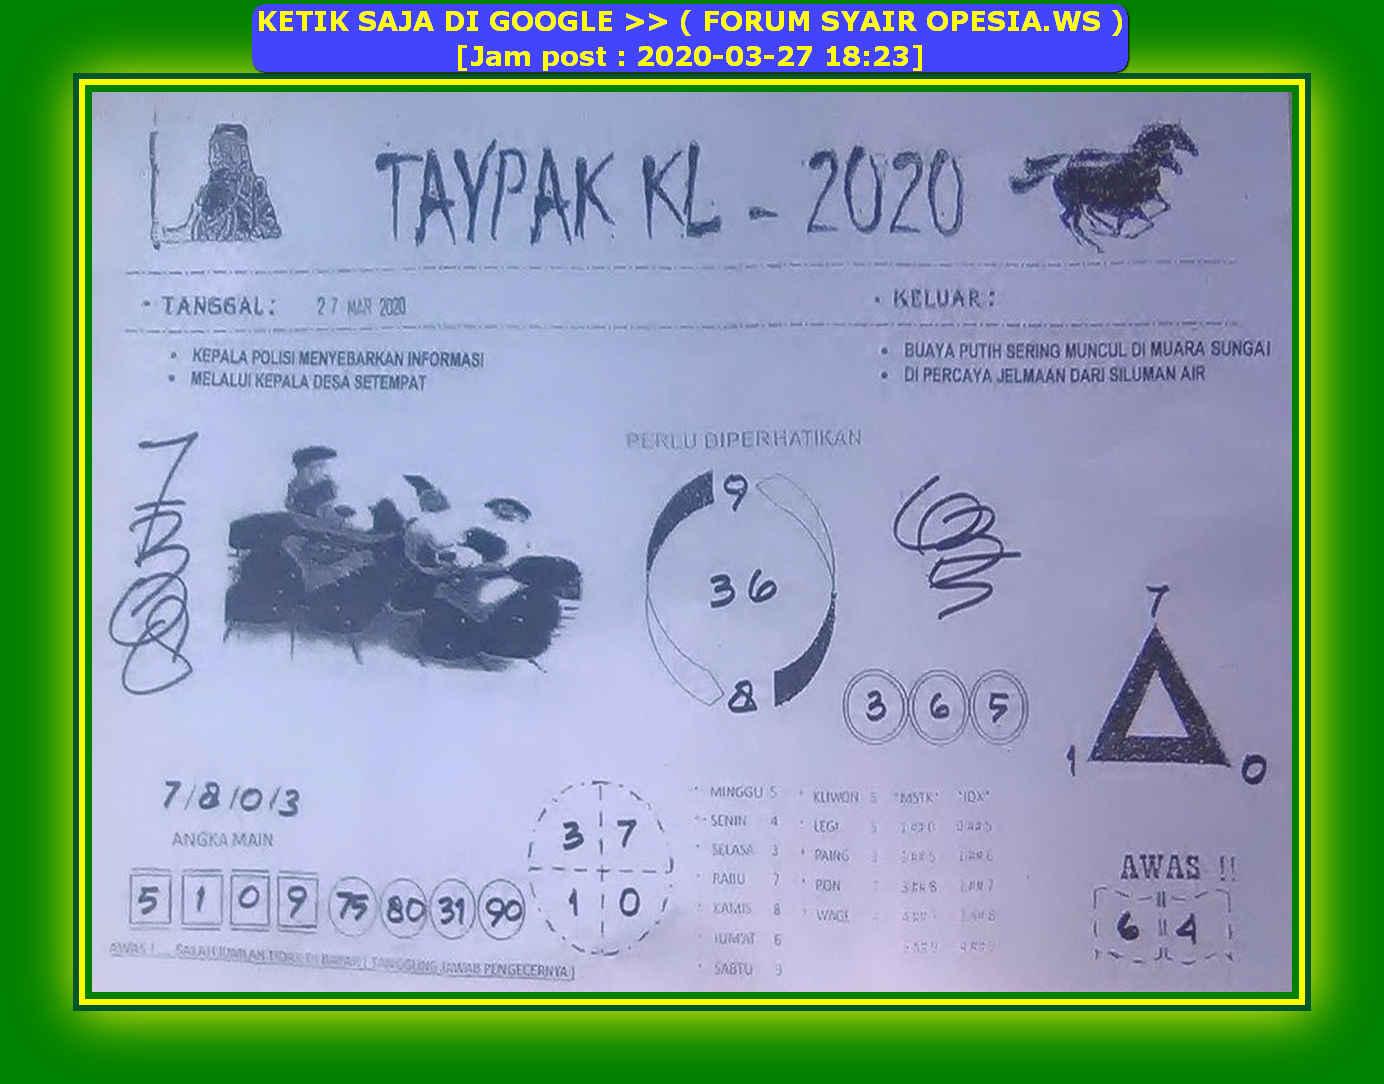 Kode syair Hongkong Jumat 27 Maret 2020 37